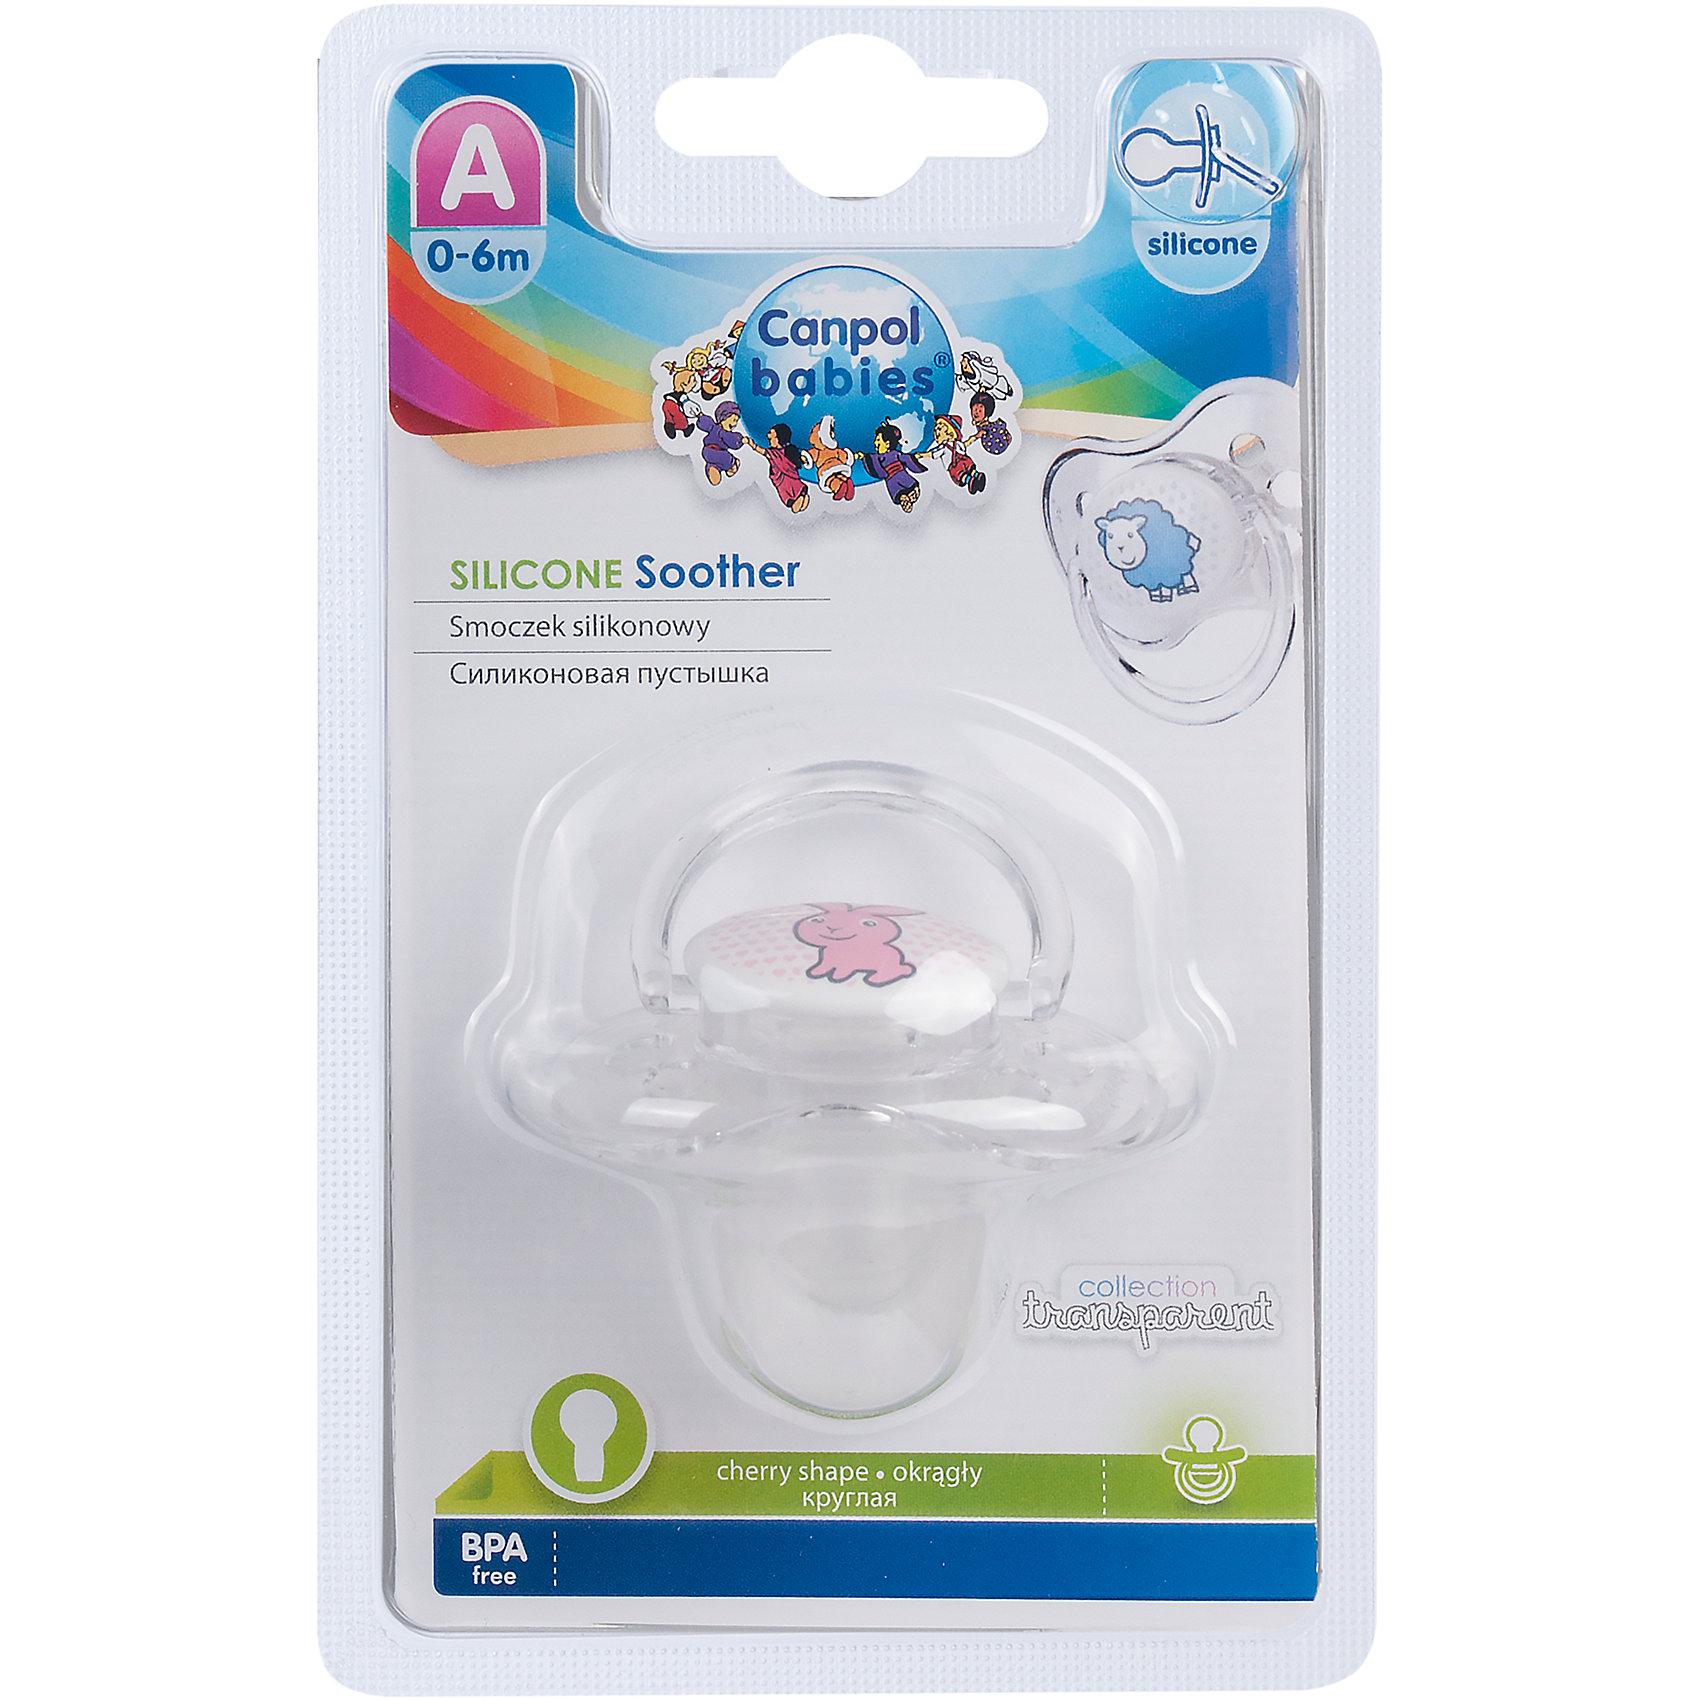 Пустышка круглая силиконовая, 0-6 Transparent, Canpol Babies, зайкаХарактеристики:<br><br>• Наименование: пустышка<br>• Пол: для девочки<br>• Материал: силикон, пластик<br>• Цвет: белый, розовый<br>• Форма: круглая<br>• Наличие отверстий для вентиляции<br>• Наличие кольца для держателя<br>• Особенности ухода: регулярная стерилизация и своевременная замена<br><br>Пустышка круглая силиконовая, 0-6, Transparent, Canpol Babies, зайка имеет специальную форму, которая обеспечивает правильное давление на небо. Изготовлена из запатентованного вида силикона, который не имеет запаха. При правильном уходе обеспечивает длительное использование. У соски имеется ограничитель из прозрачного пластика классической круглой формы и кольцо для держателя. Пустышка круглая силиконовая, 0-6, Transparent, Canpol Babies, зайка выполнена в стильном дизайне с изображением зайчонка.<br><br>Пустышку круглую силиконовую, 0-6, Transparent, Canpol Babies, зайку можно купить в нашем интернет-магазине.<br><br>Ширина мм: 95<br>Глубина мм: 45<br>Высота мм: 155<br>Вес г: 110<br>Возраст от месяцев: 0<br>Возраст до месяцев: 6<br>Пол: Женский<br>Возраст: Детский<br>SKU: 5156642